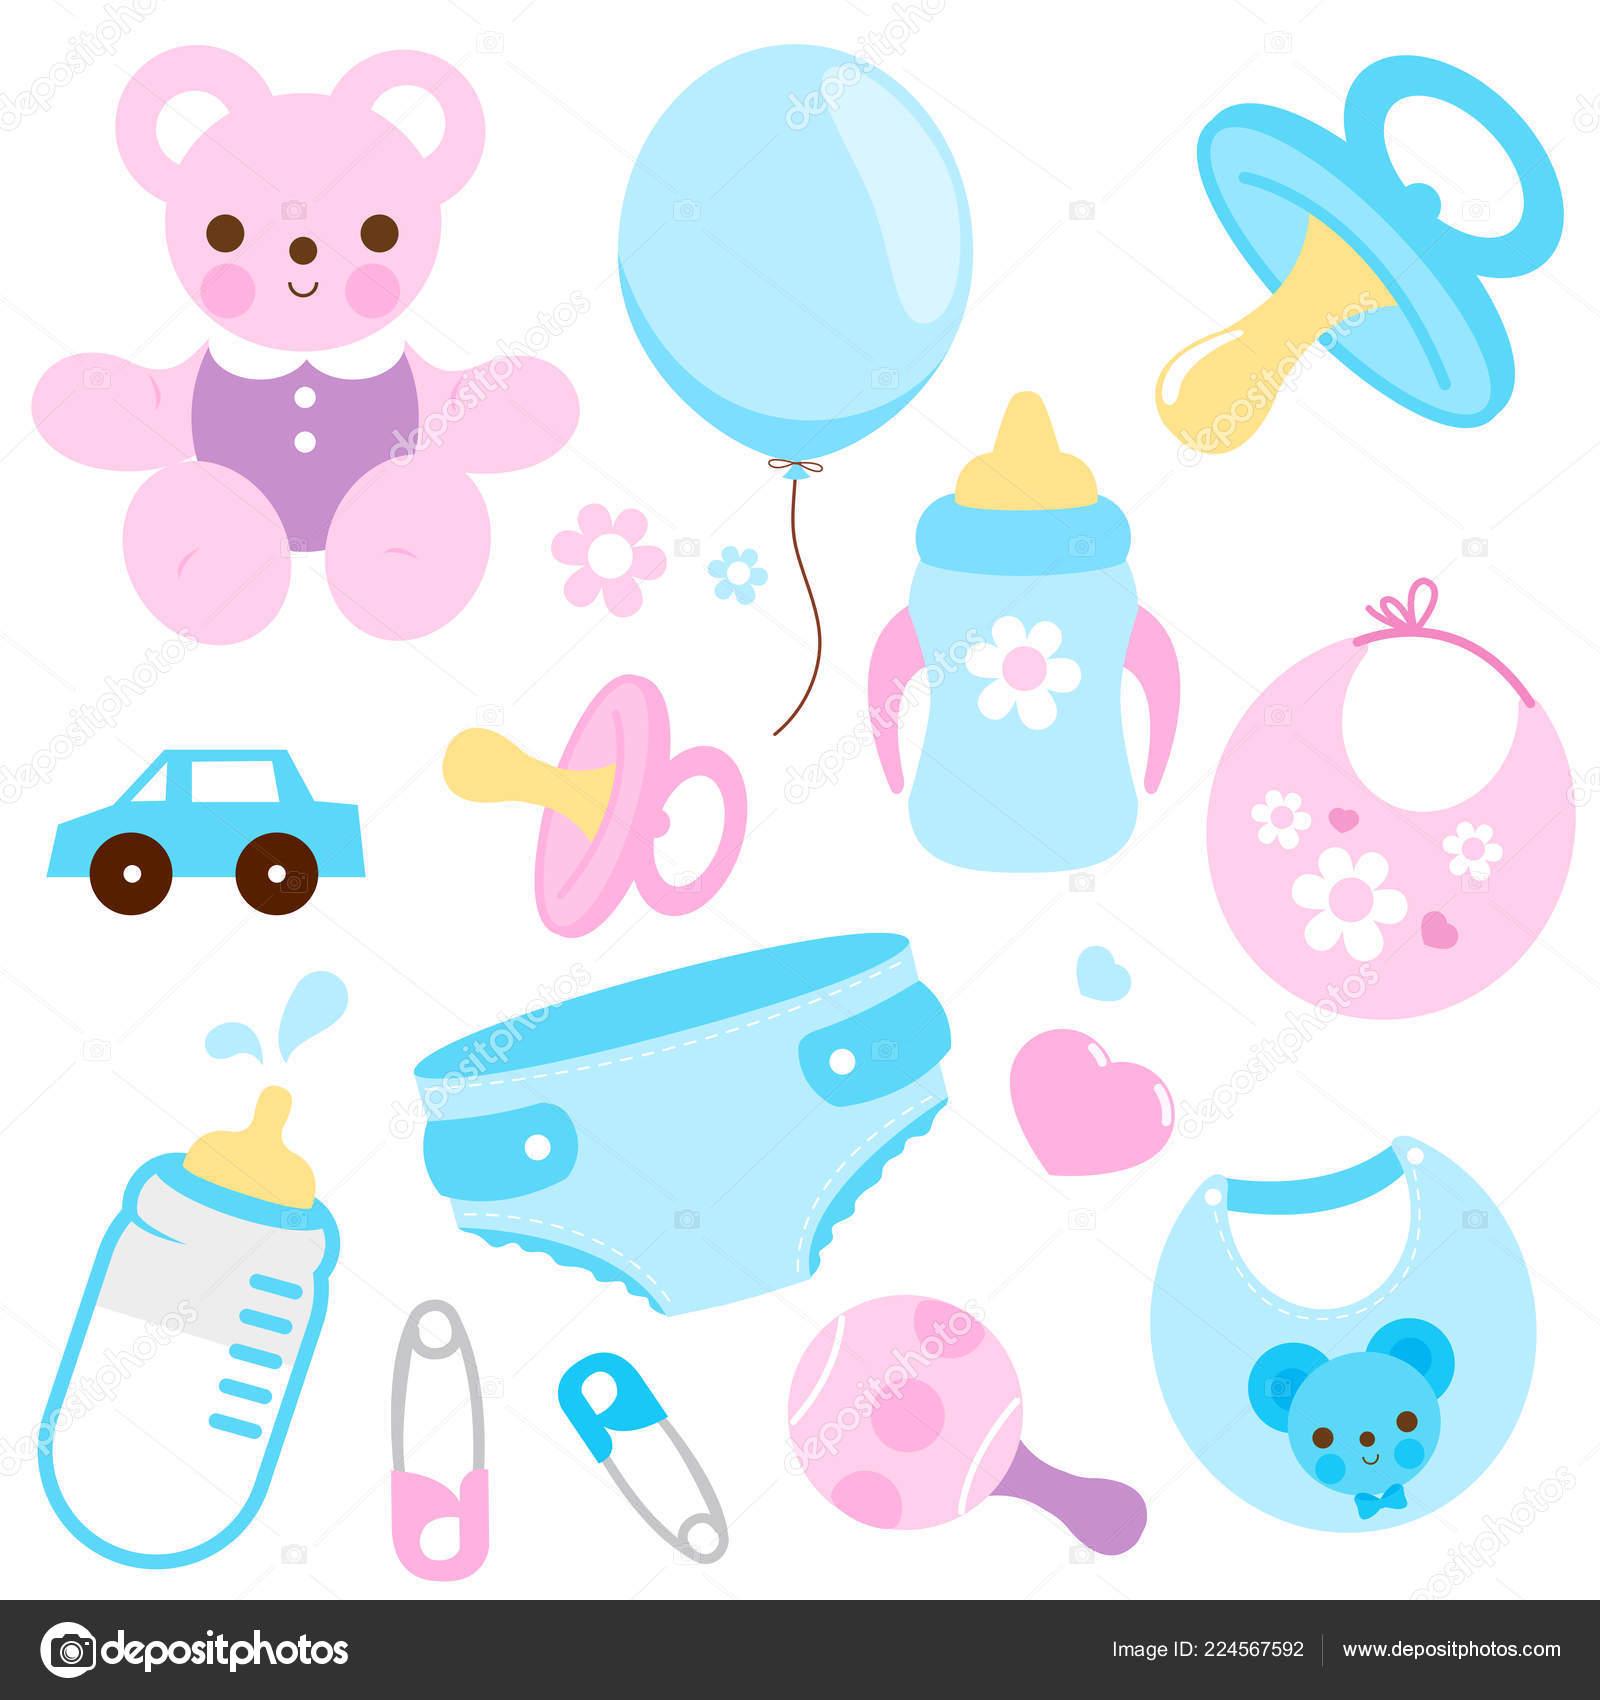 Blauwe Baby Accessoires.Babymeisje Baby Jongen Accessoires Blauw Roze Kleuren